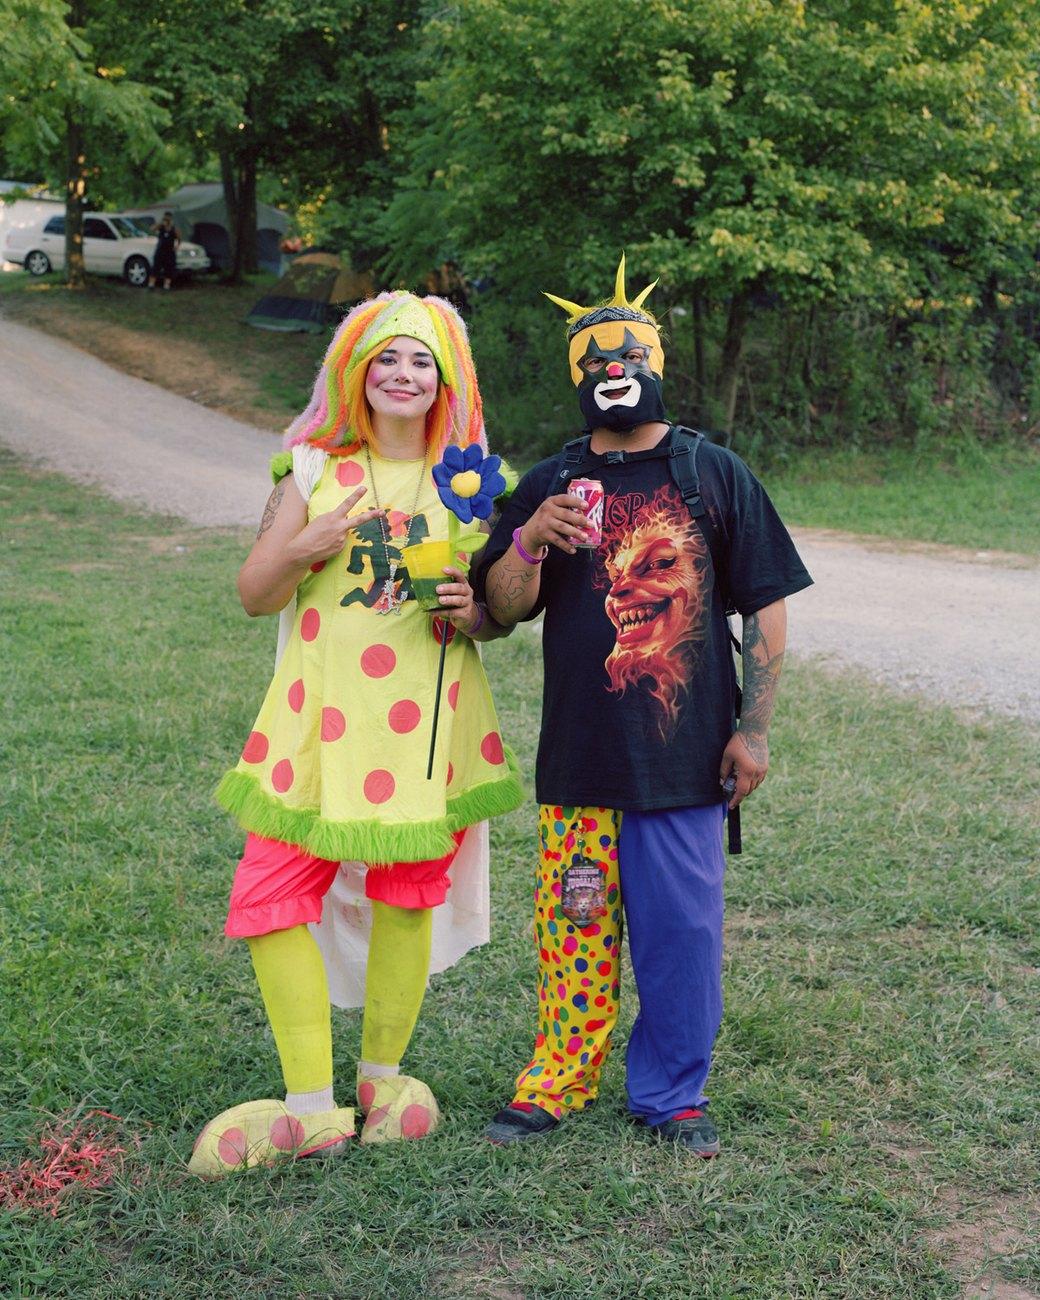 Клоуны на выезде: Фоторепортаж с ежегодного фестиваля джаггало в Иллинойсе. Изображение № 17.